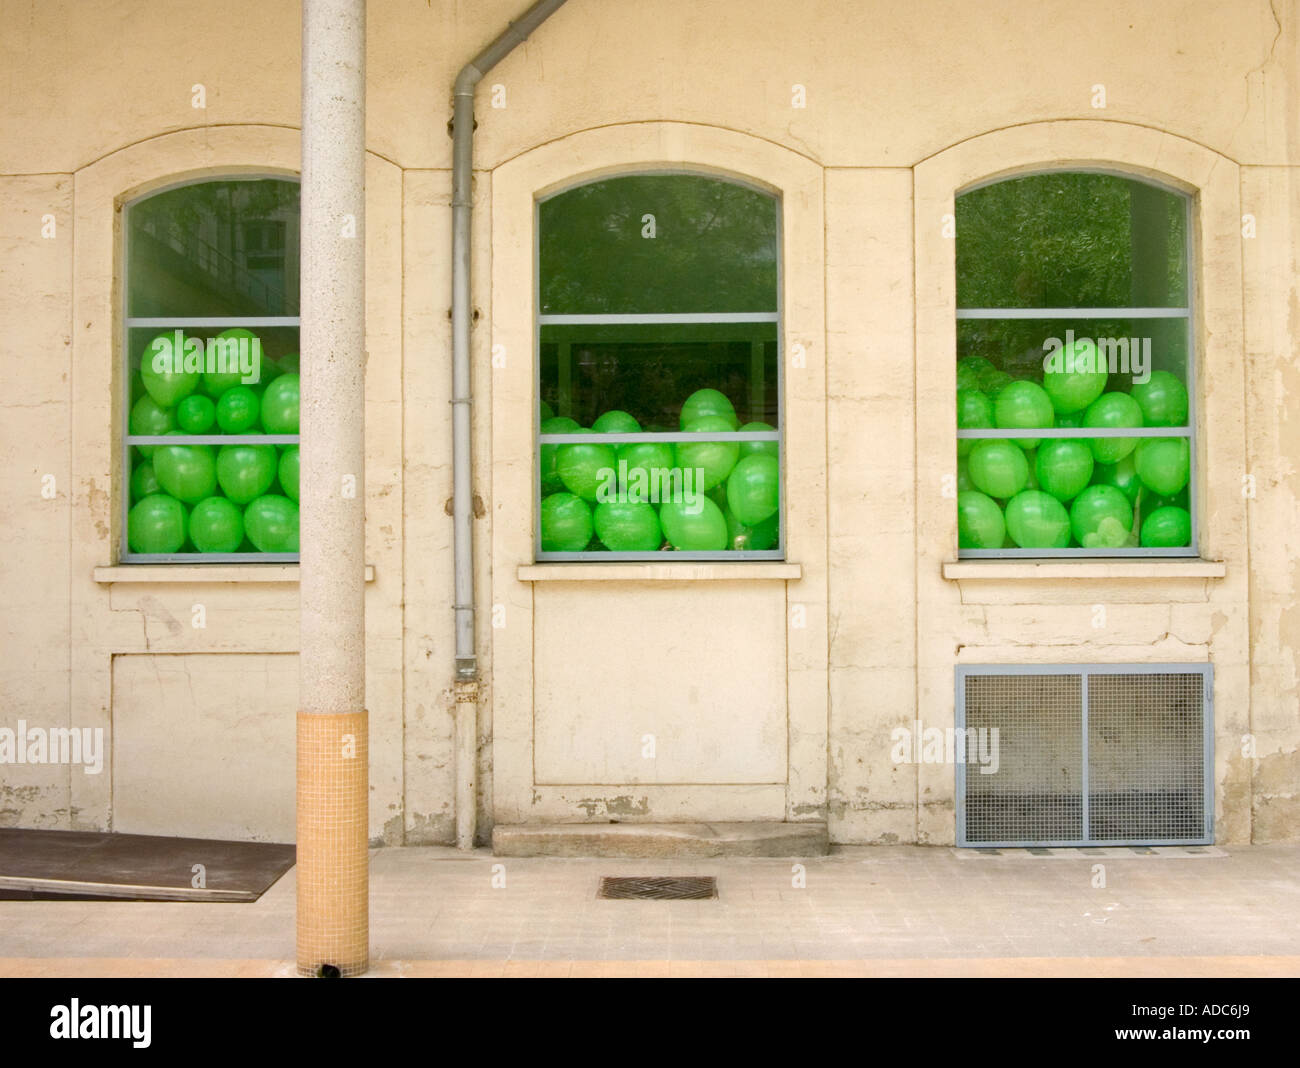 Martin Creed installation une façade avec trois fenêtres remplies de ballons vert Photo Stock